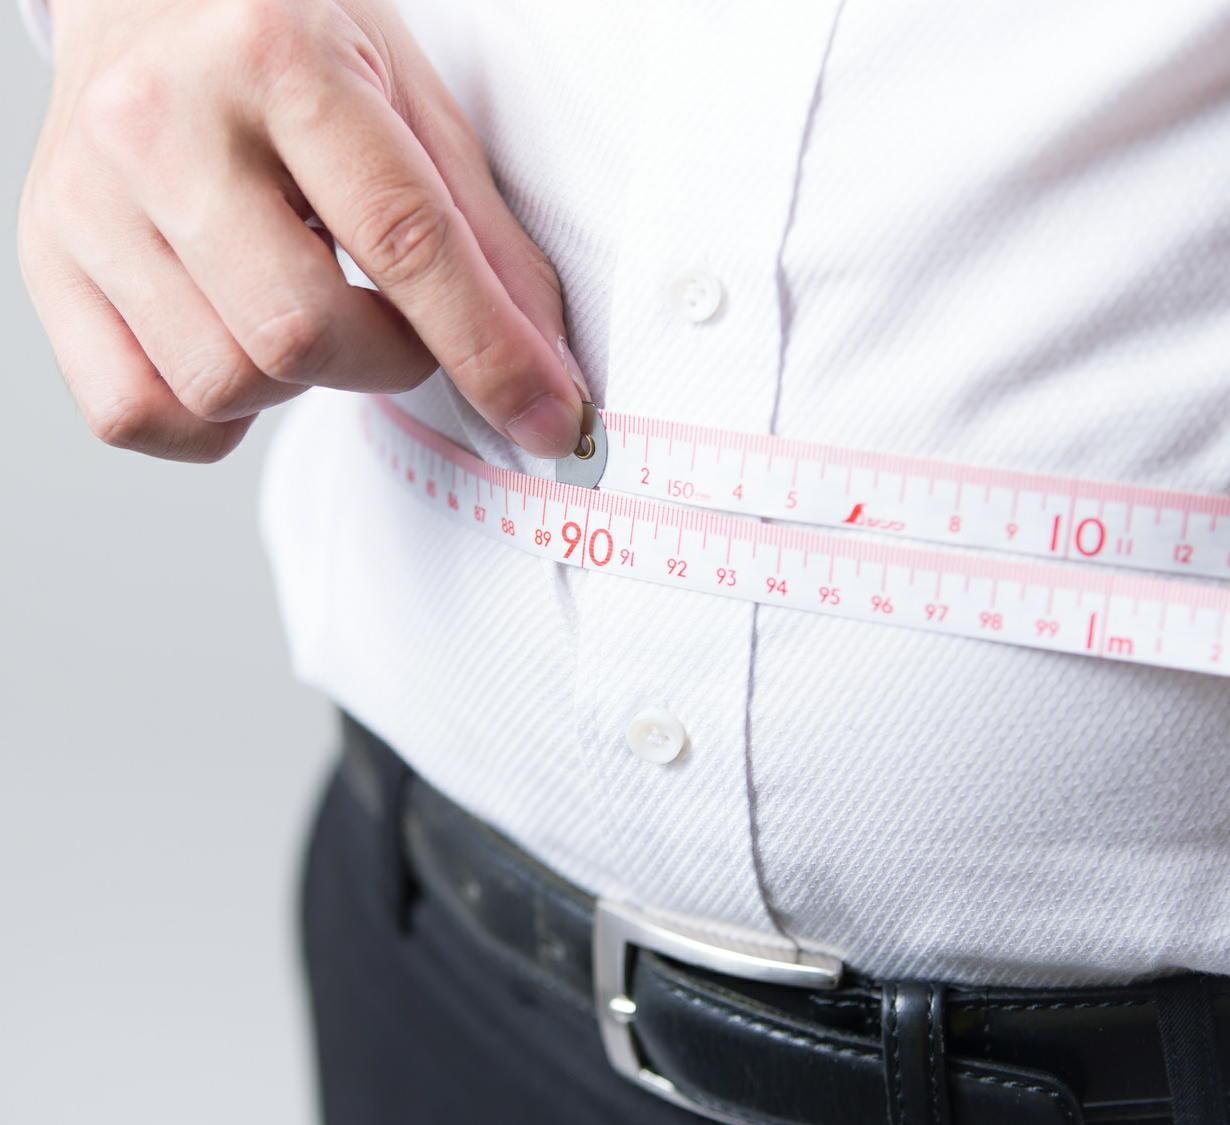 「生活習慣病リスクレポート」で効果的な受診勧奨を 企業と地域の連携で重症化予防